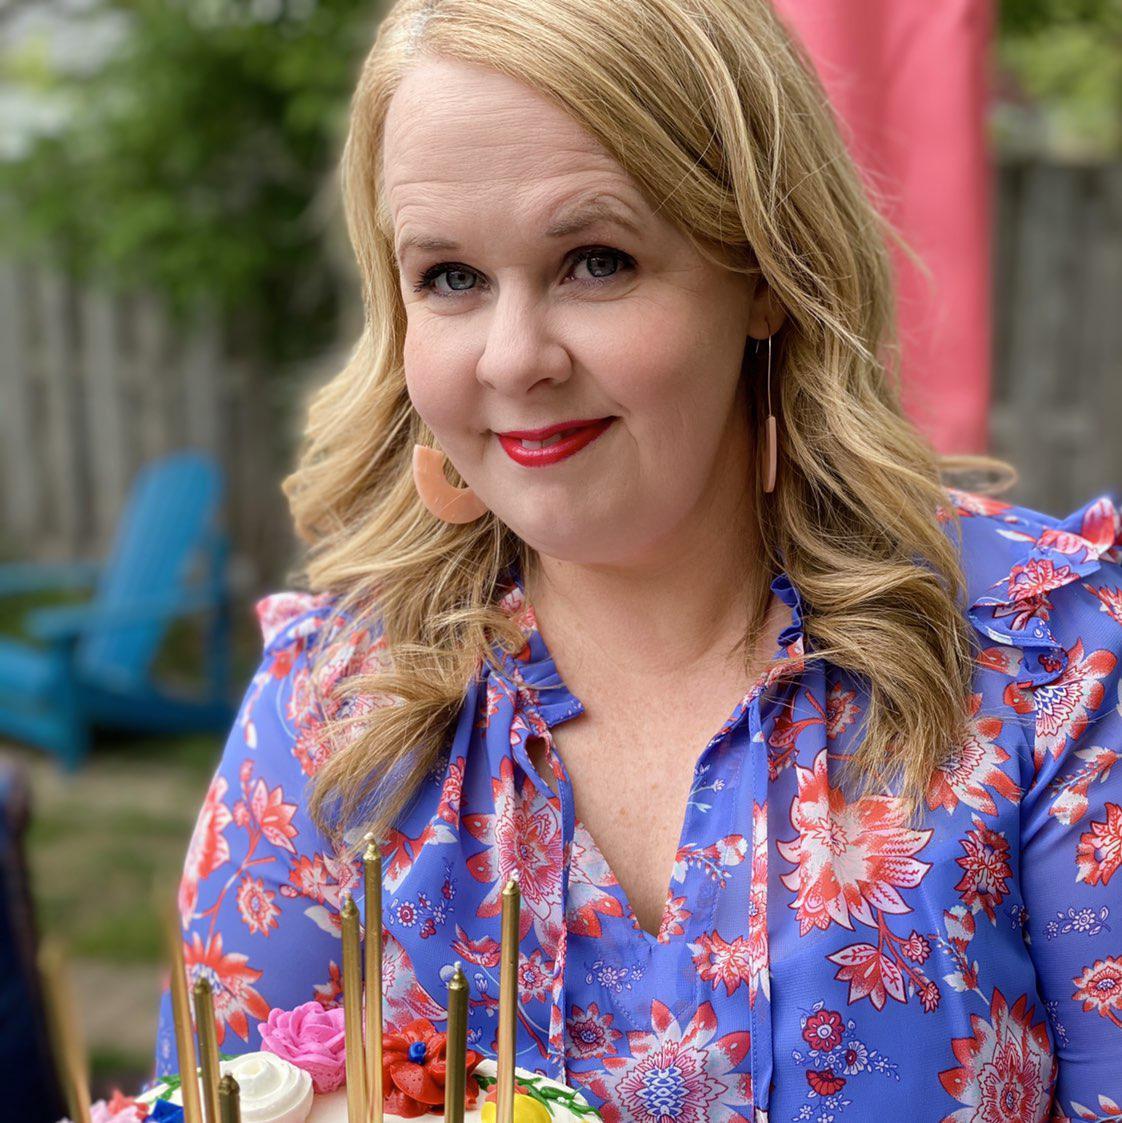 Megan Van Buiten Clubhouse